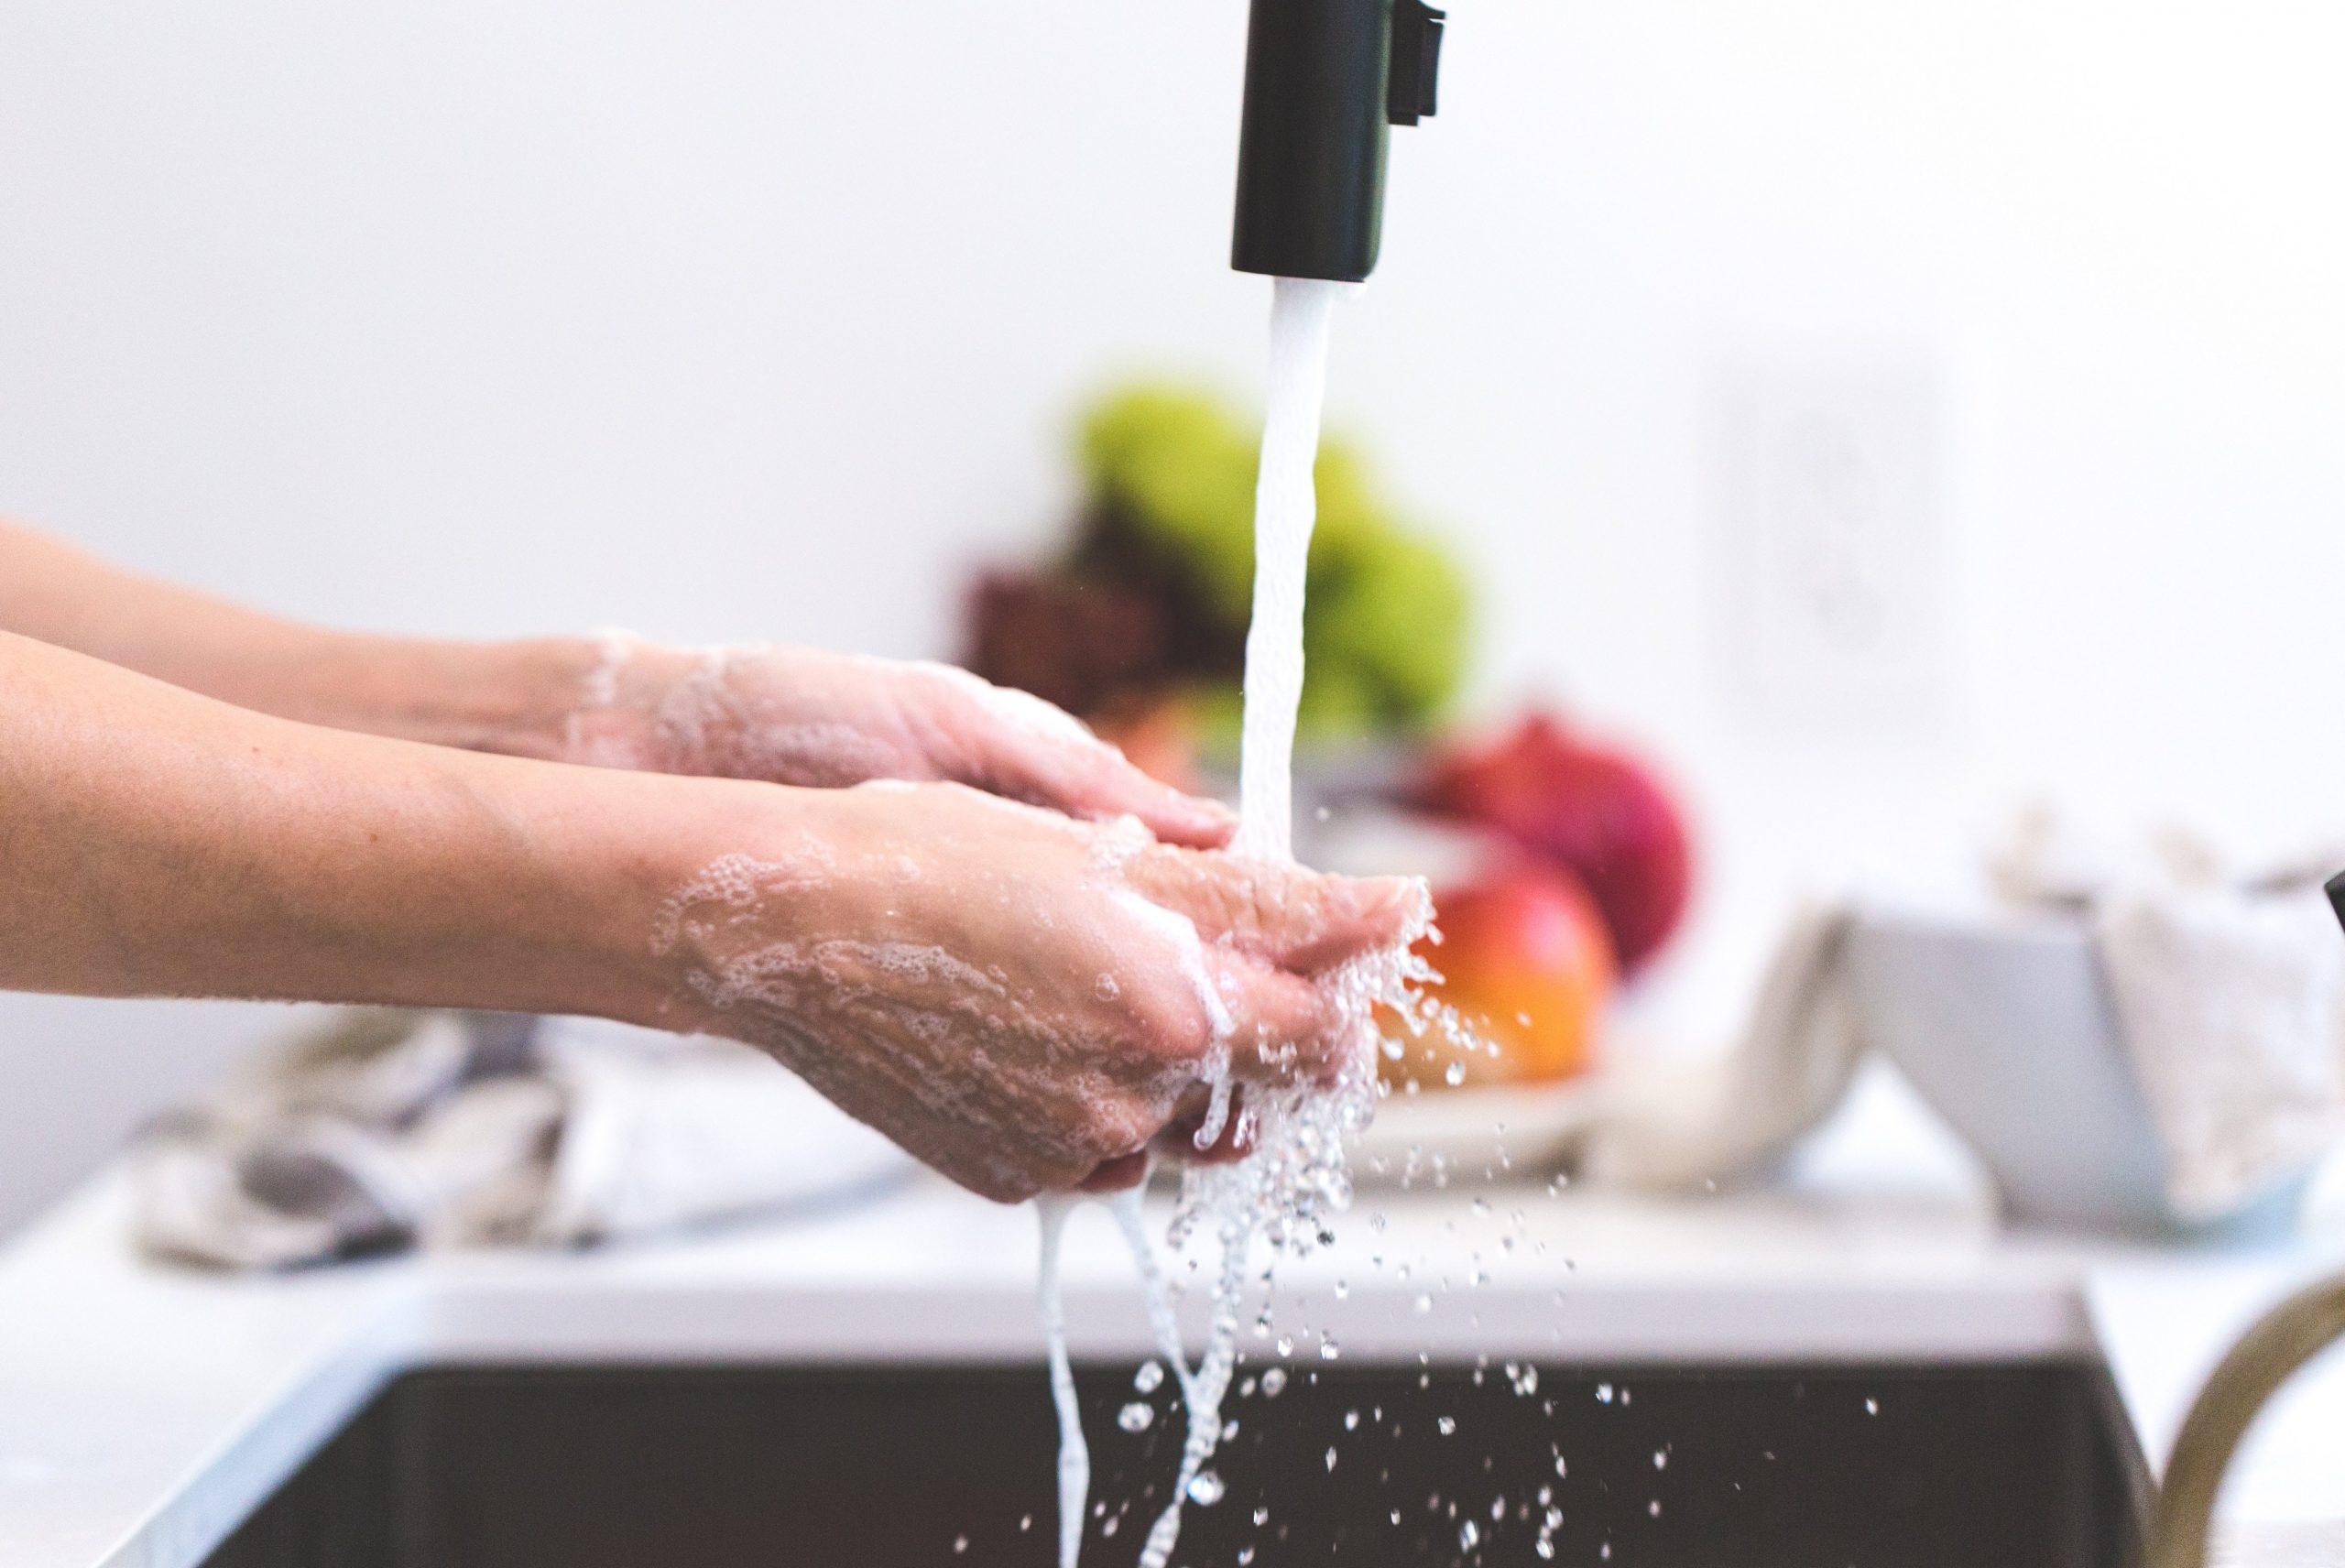 cista-kuhinja-slowage365